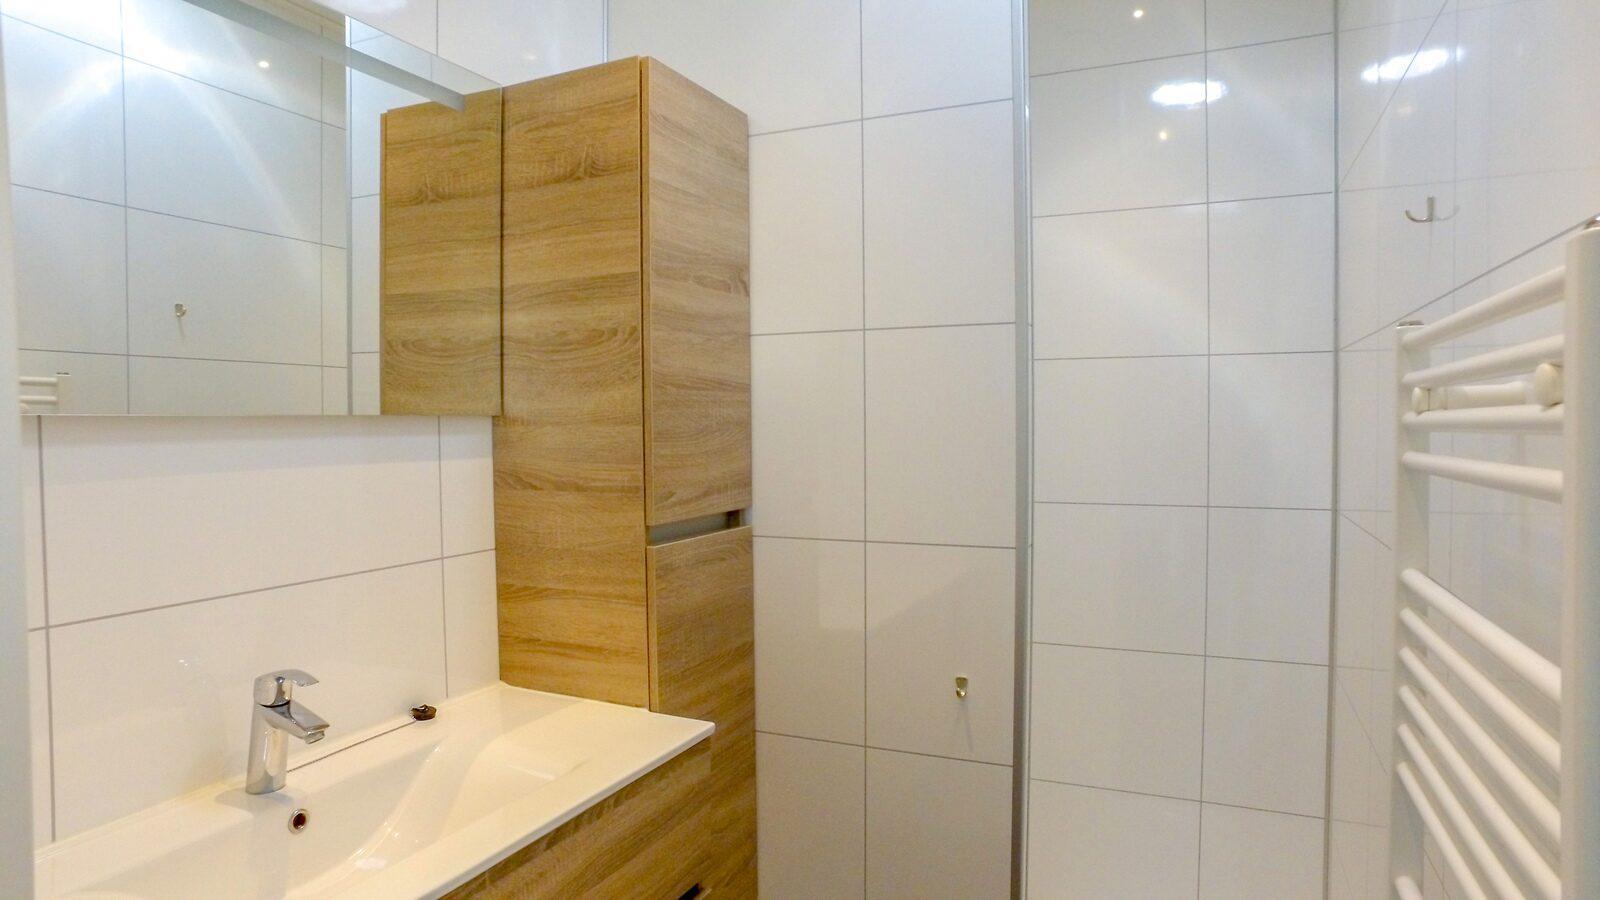 Ackersate Vakantievilla met sauna 6 personen Voorthuizen